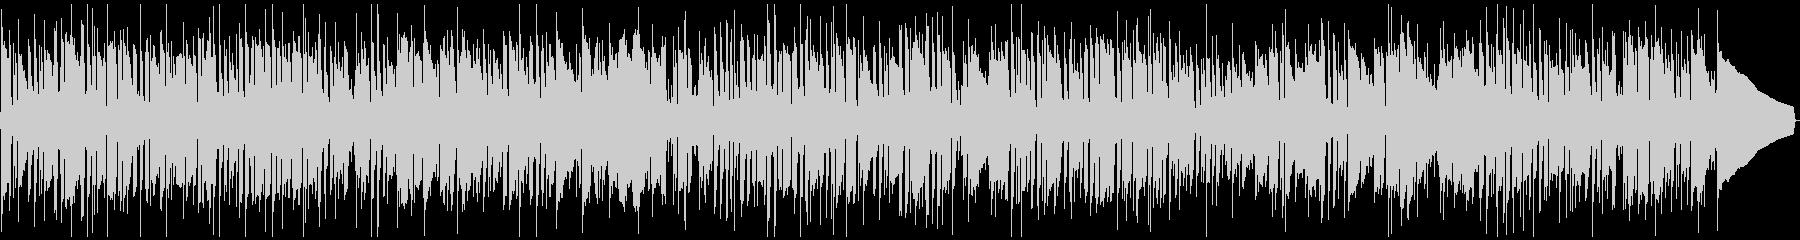 しゃれたジャズロックBGMの未再生の波形